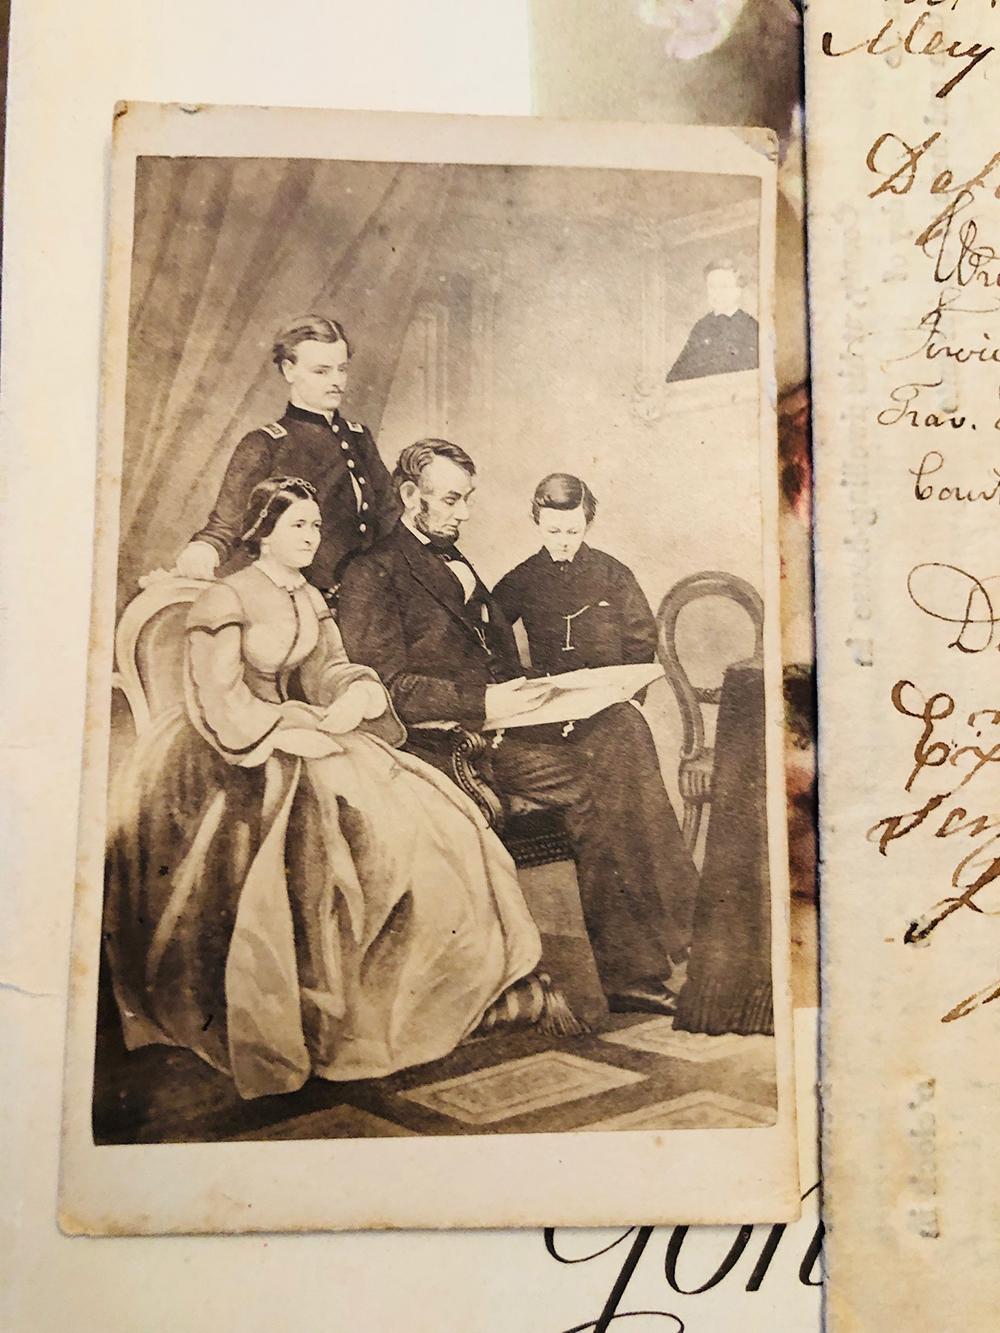 Lot 37: Lincoln and Civil War Memorabilia